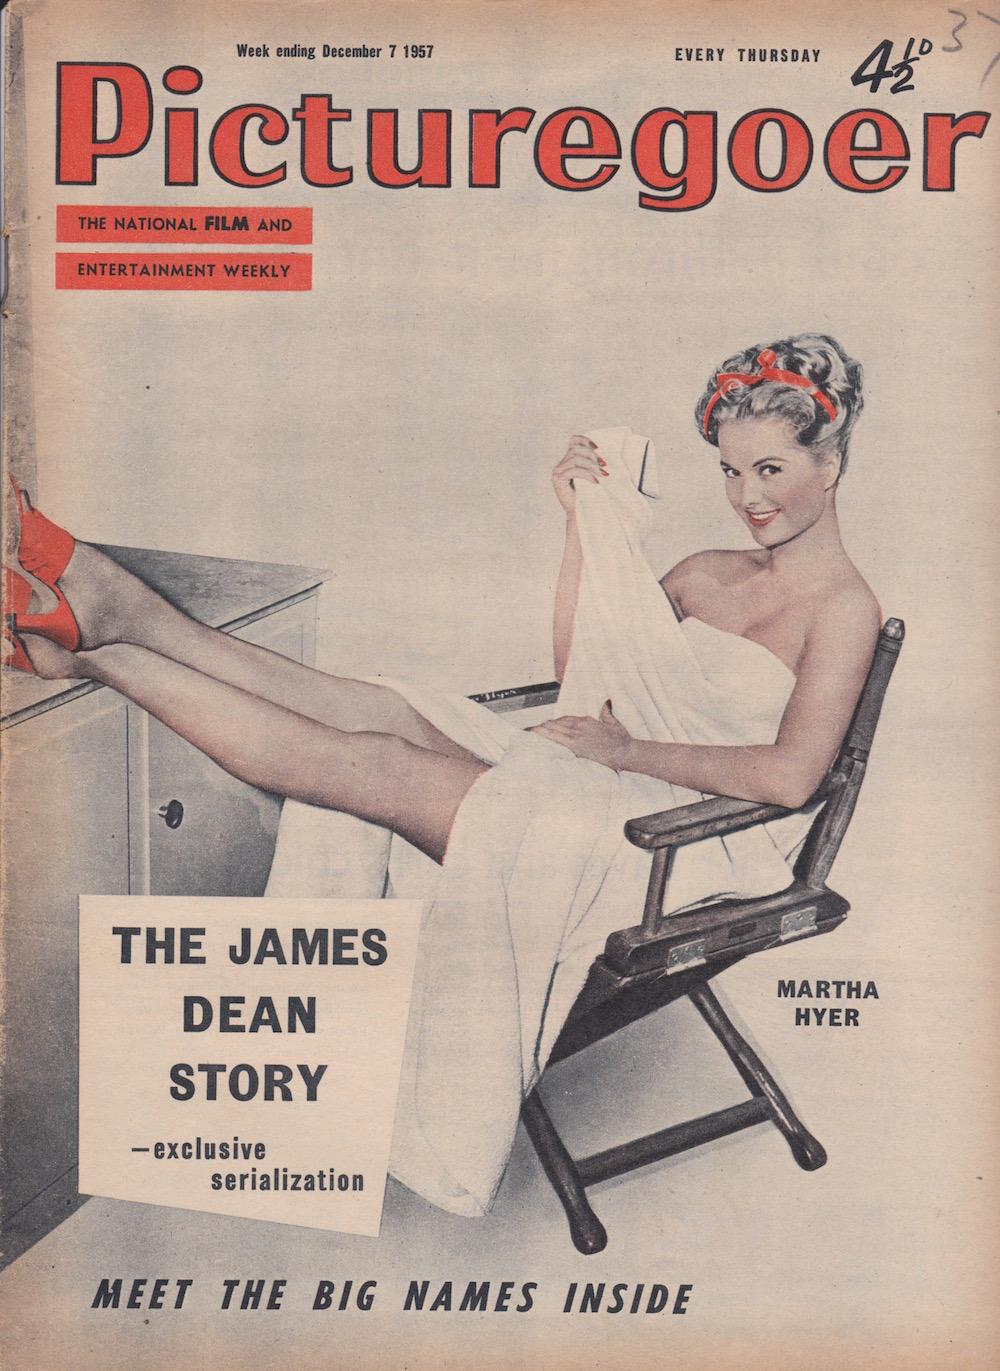 Picturegoer December 7 1957